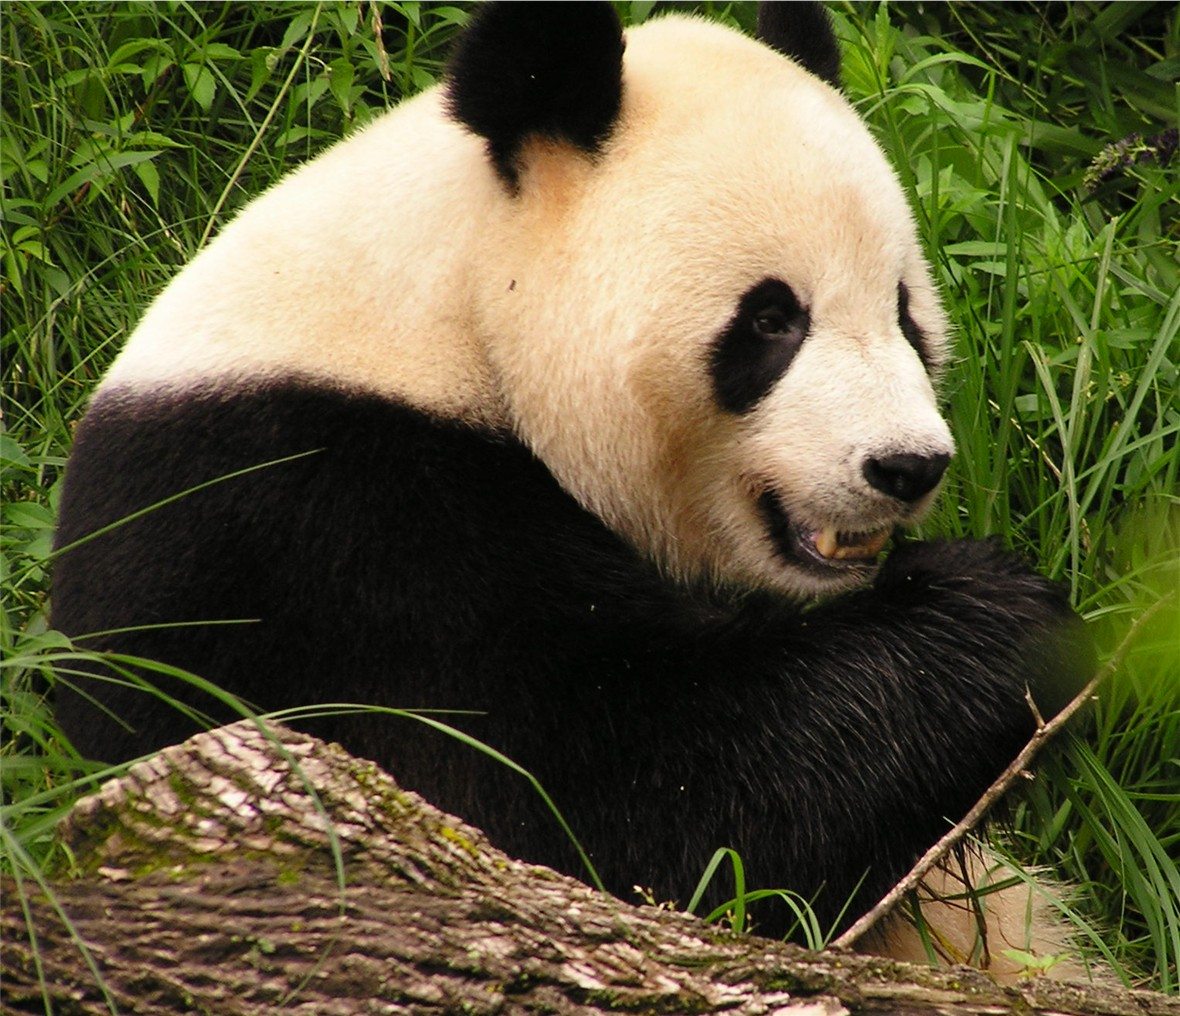 Nærbilde av panda